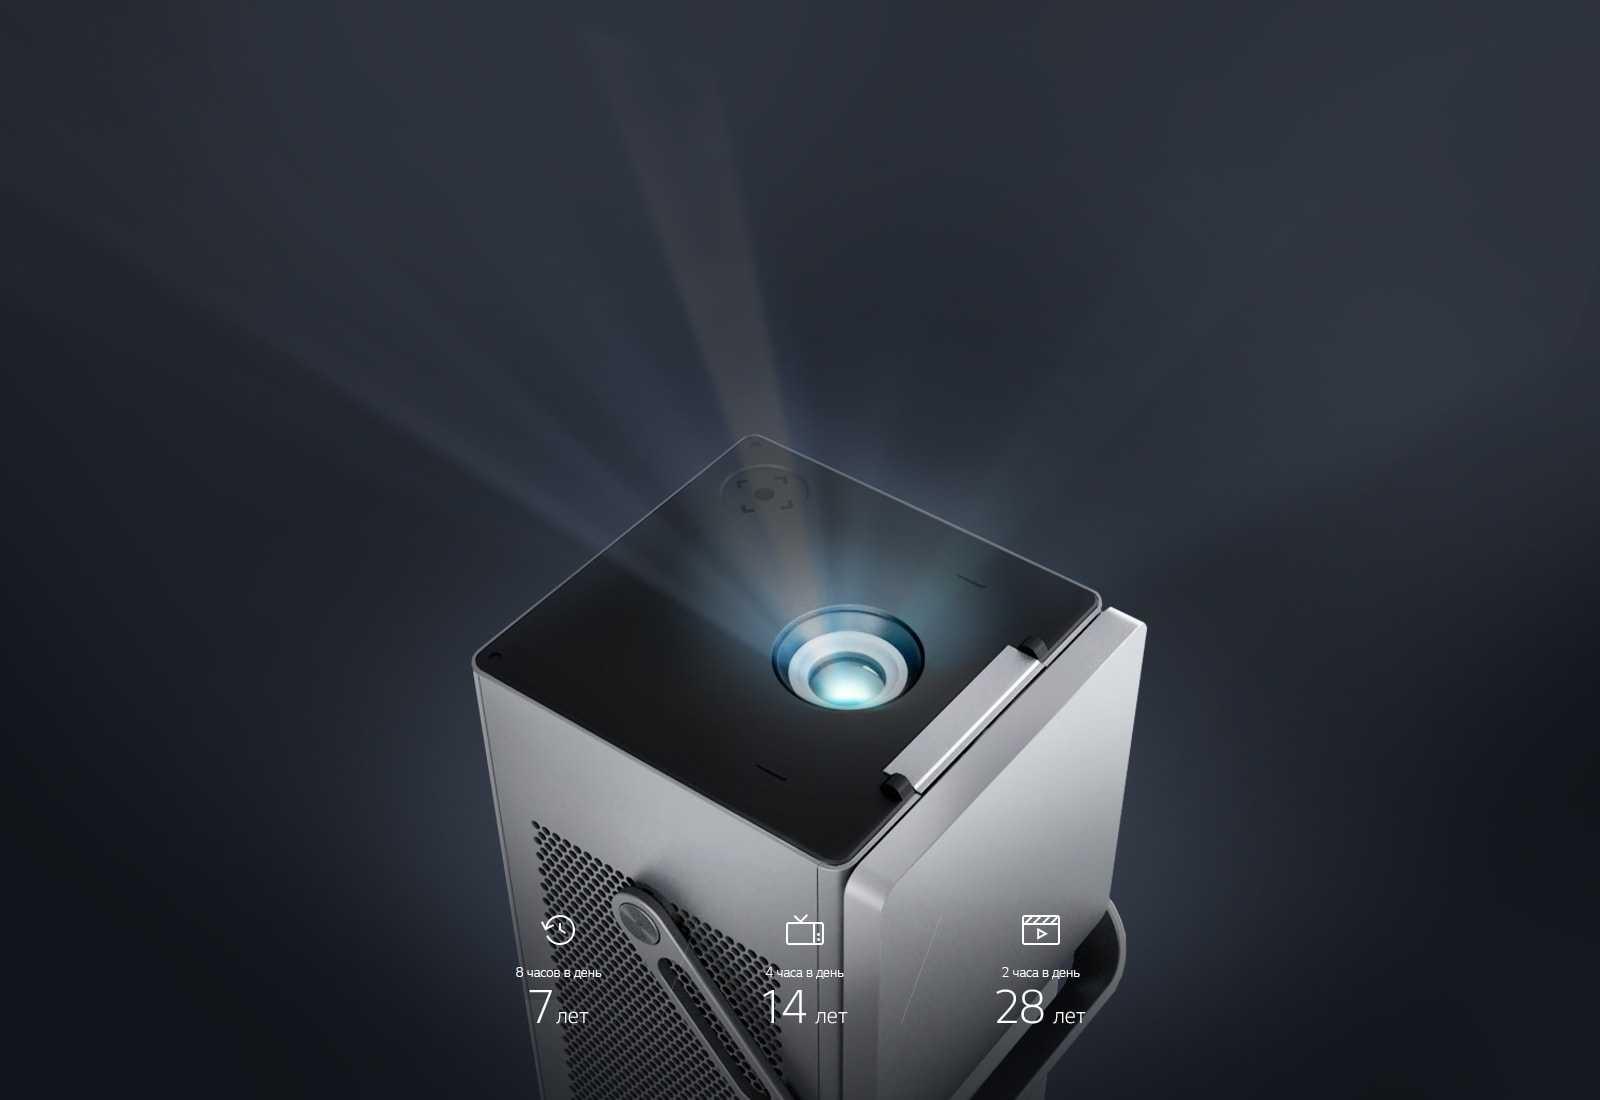 Обзор 4k-проектора lg cinebeam hu80ksw: здравствуй, огромный экран!